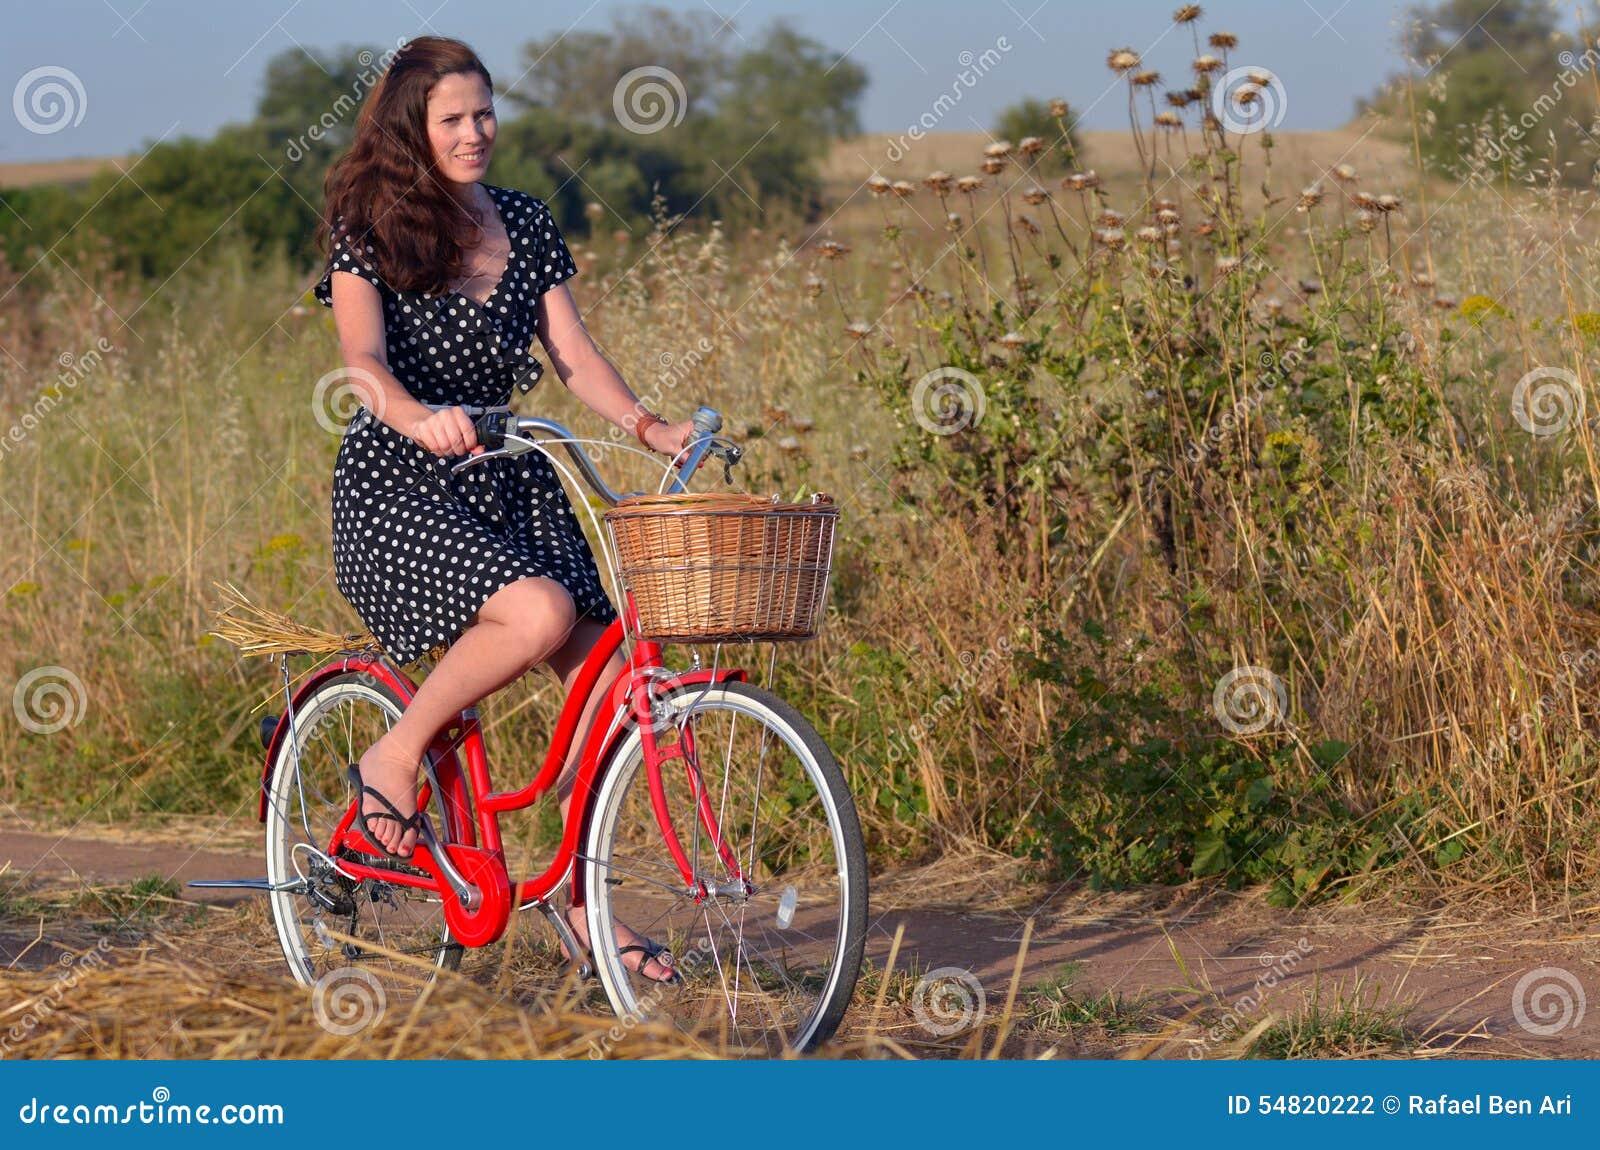 Bicicleta del vintage del montar a caballo de la mujer joven